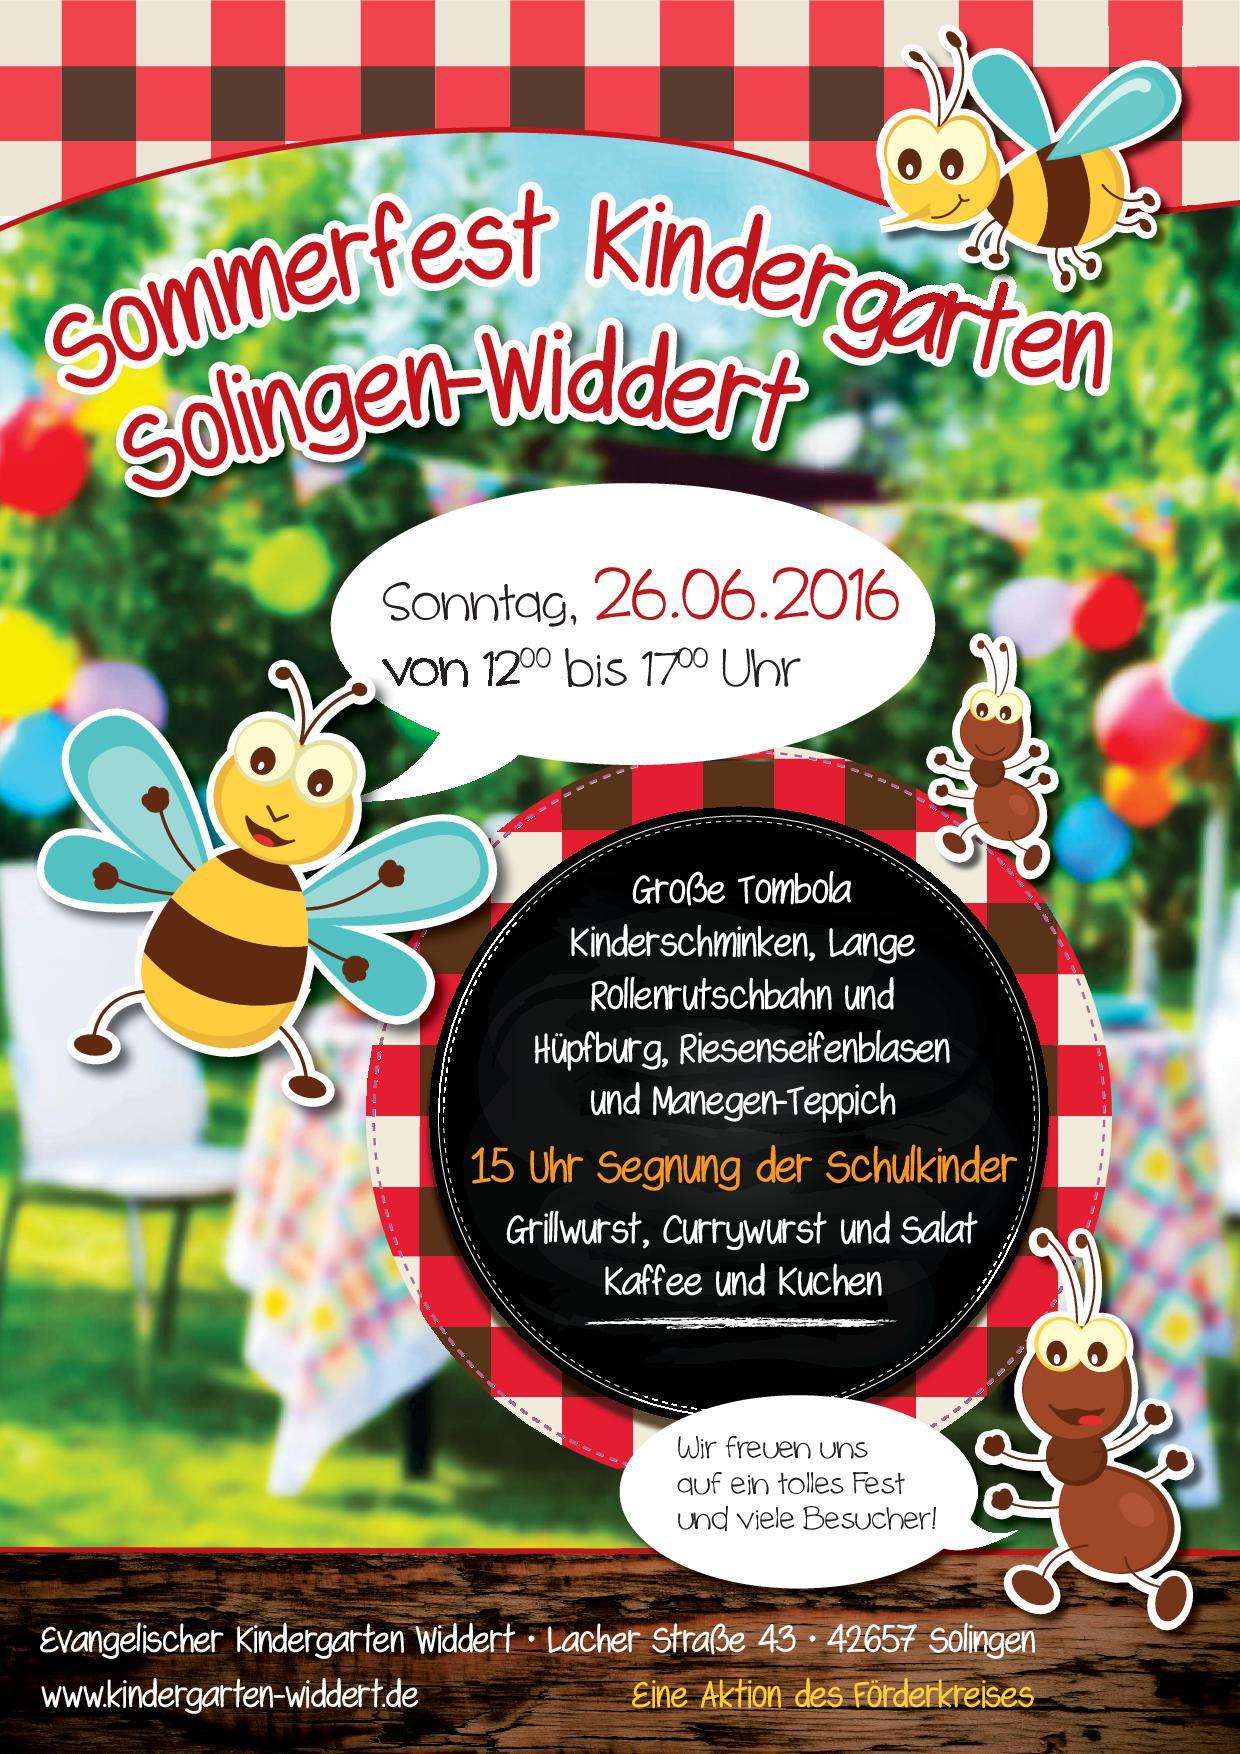 einladung zum sommerfest 2016 | förderkreis kindergarten widdert, Einladung